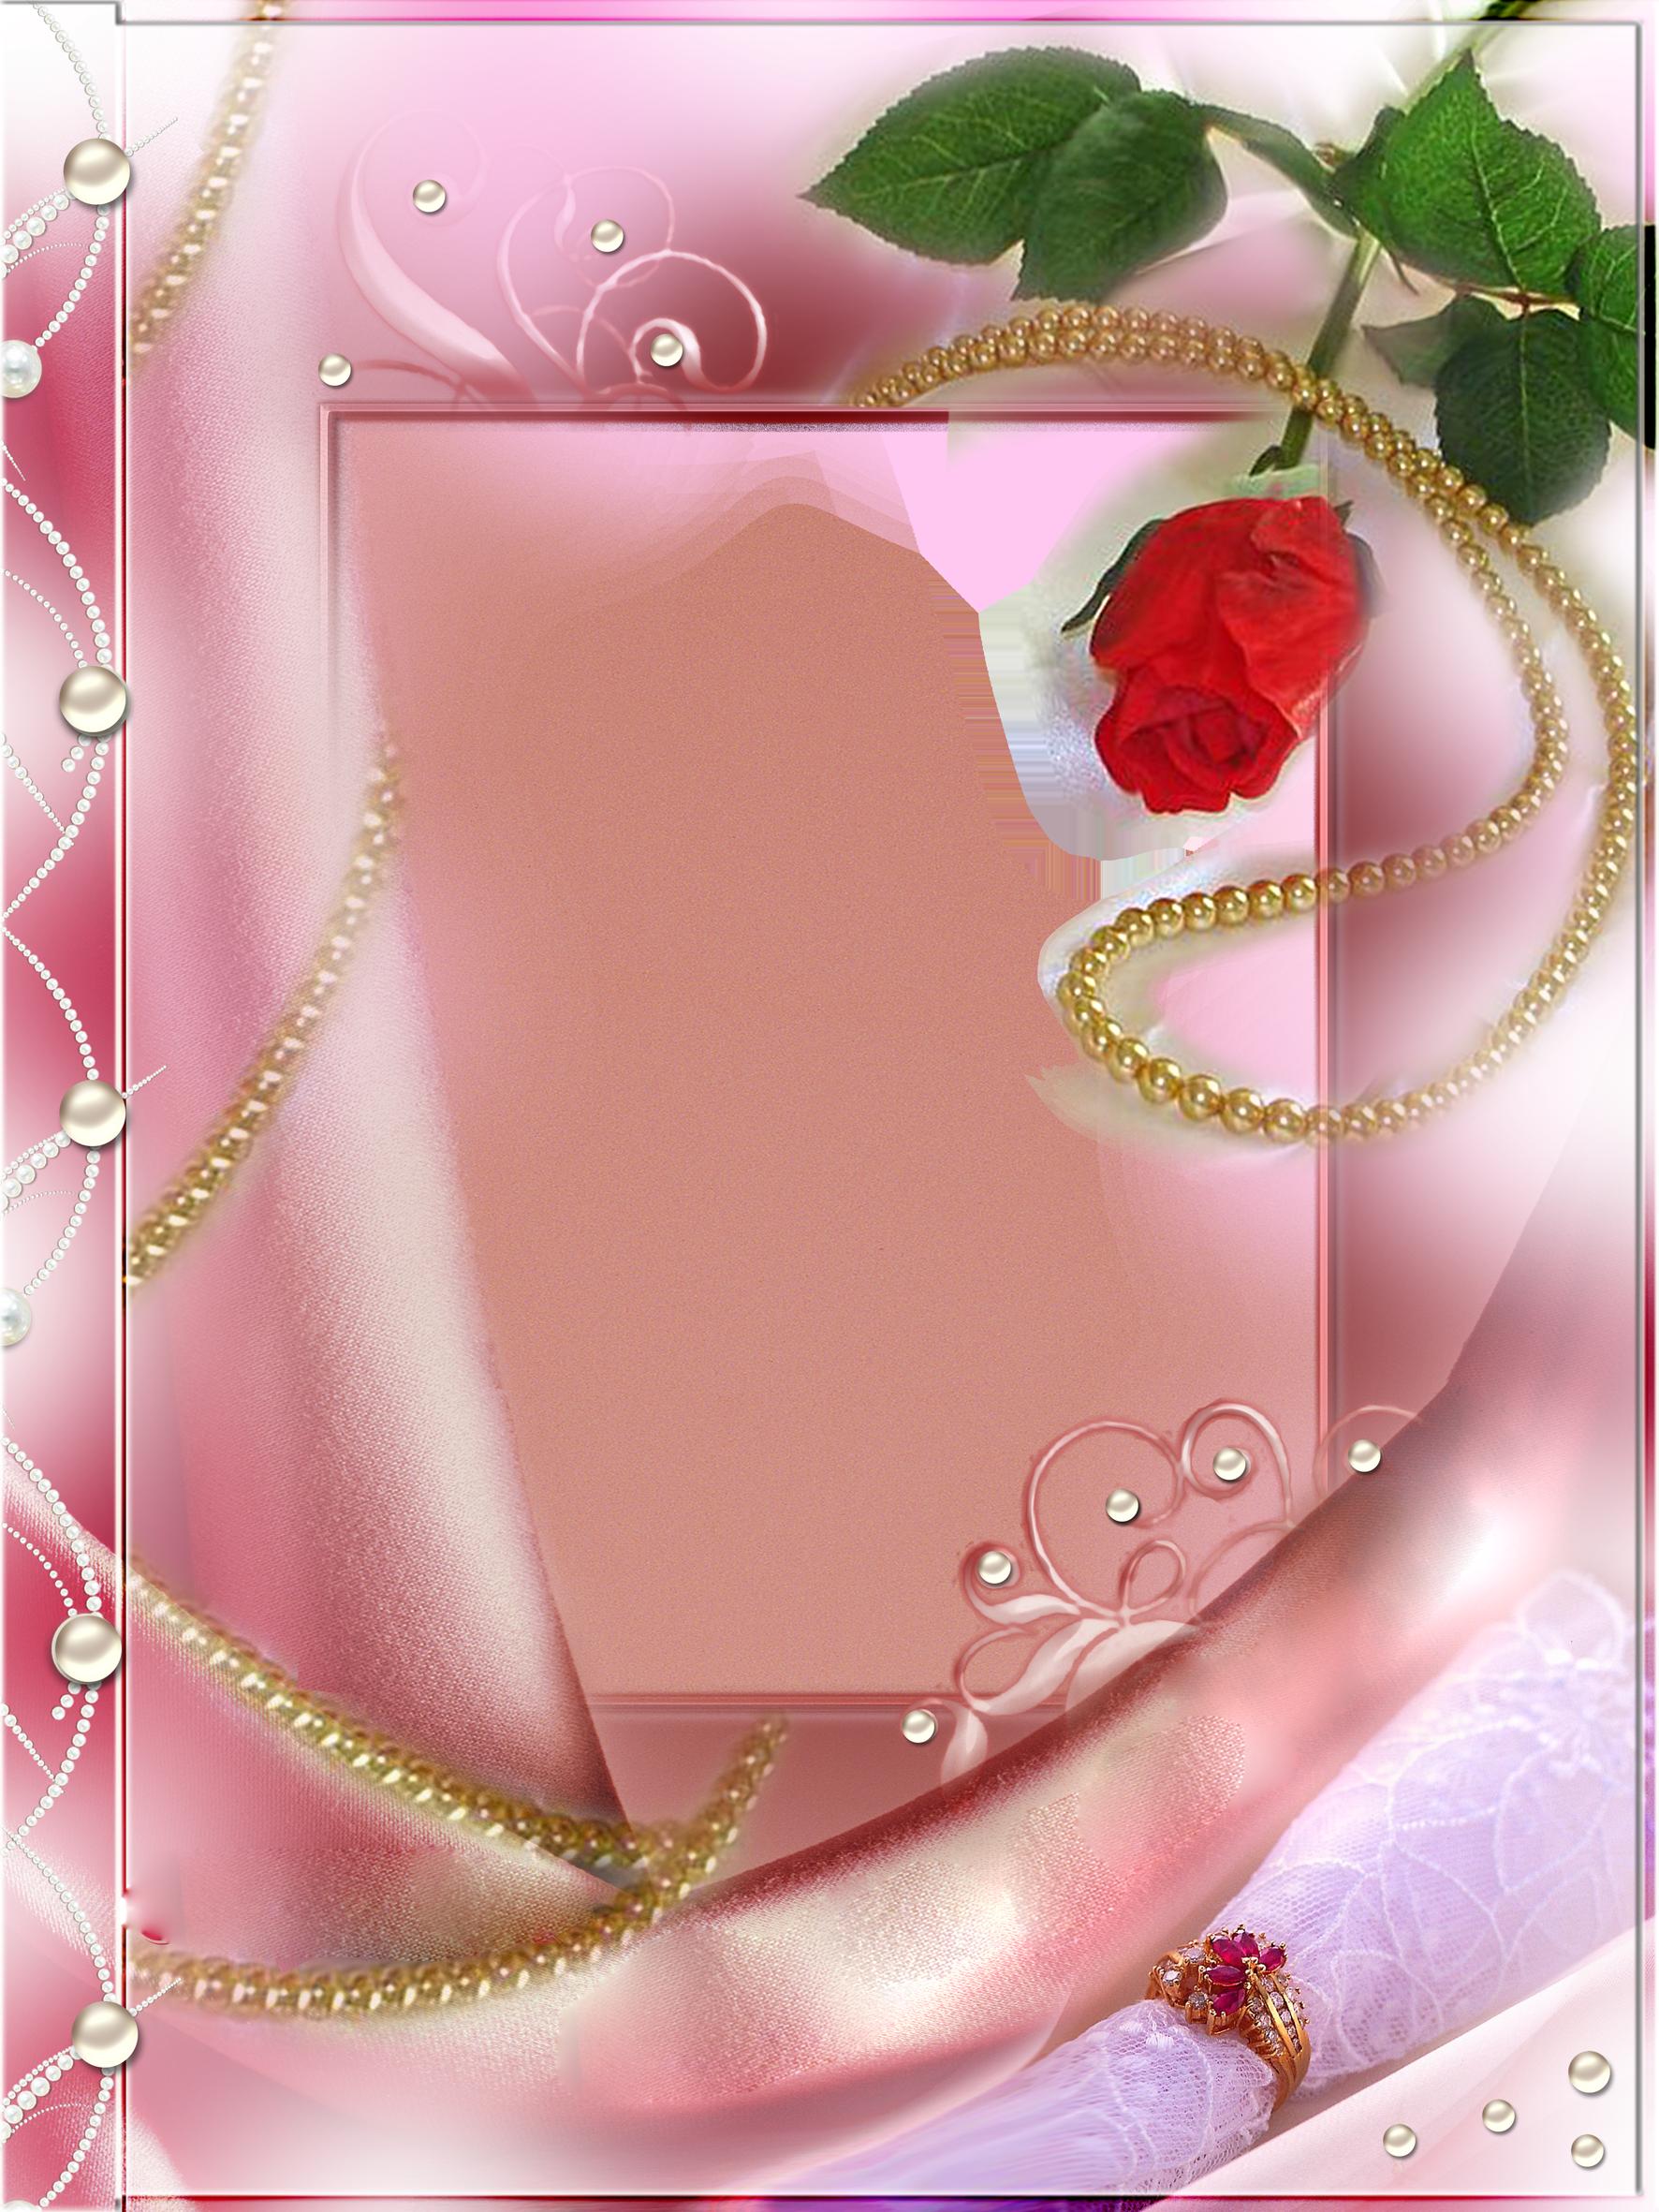 Открытка в рамке с днем рождения фото, днем влюбленных 2017